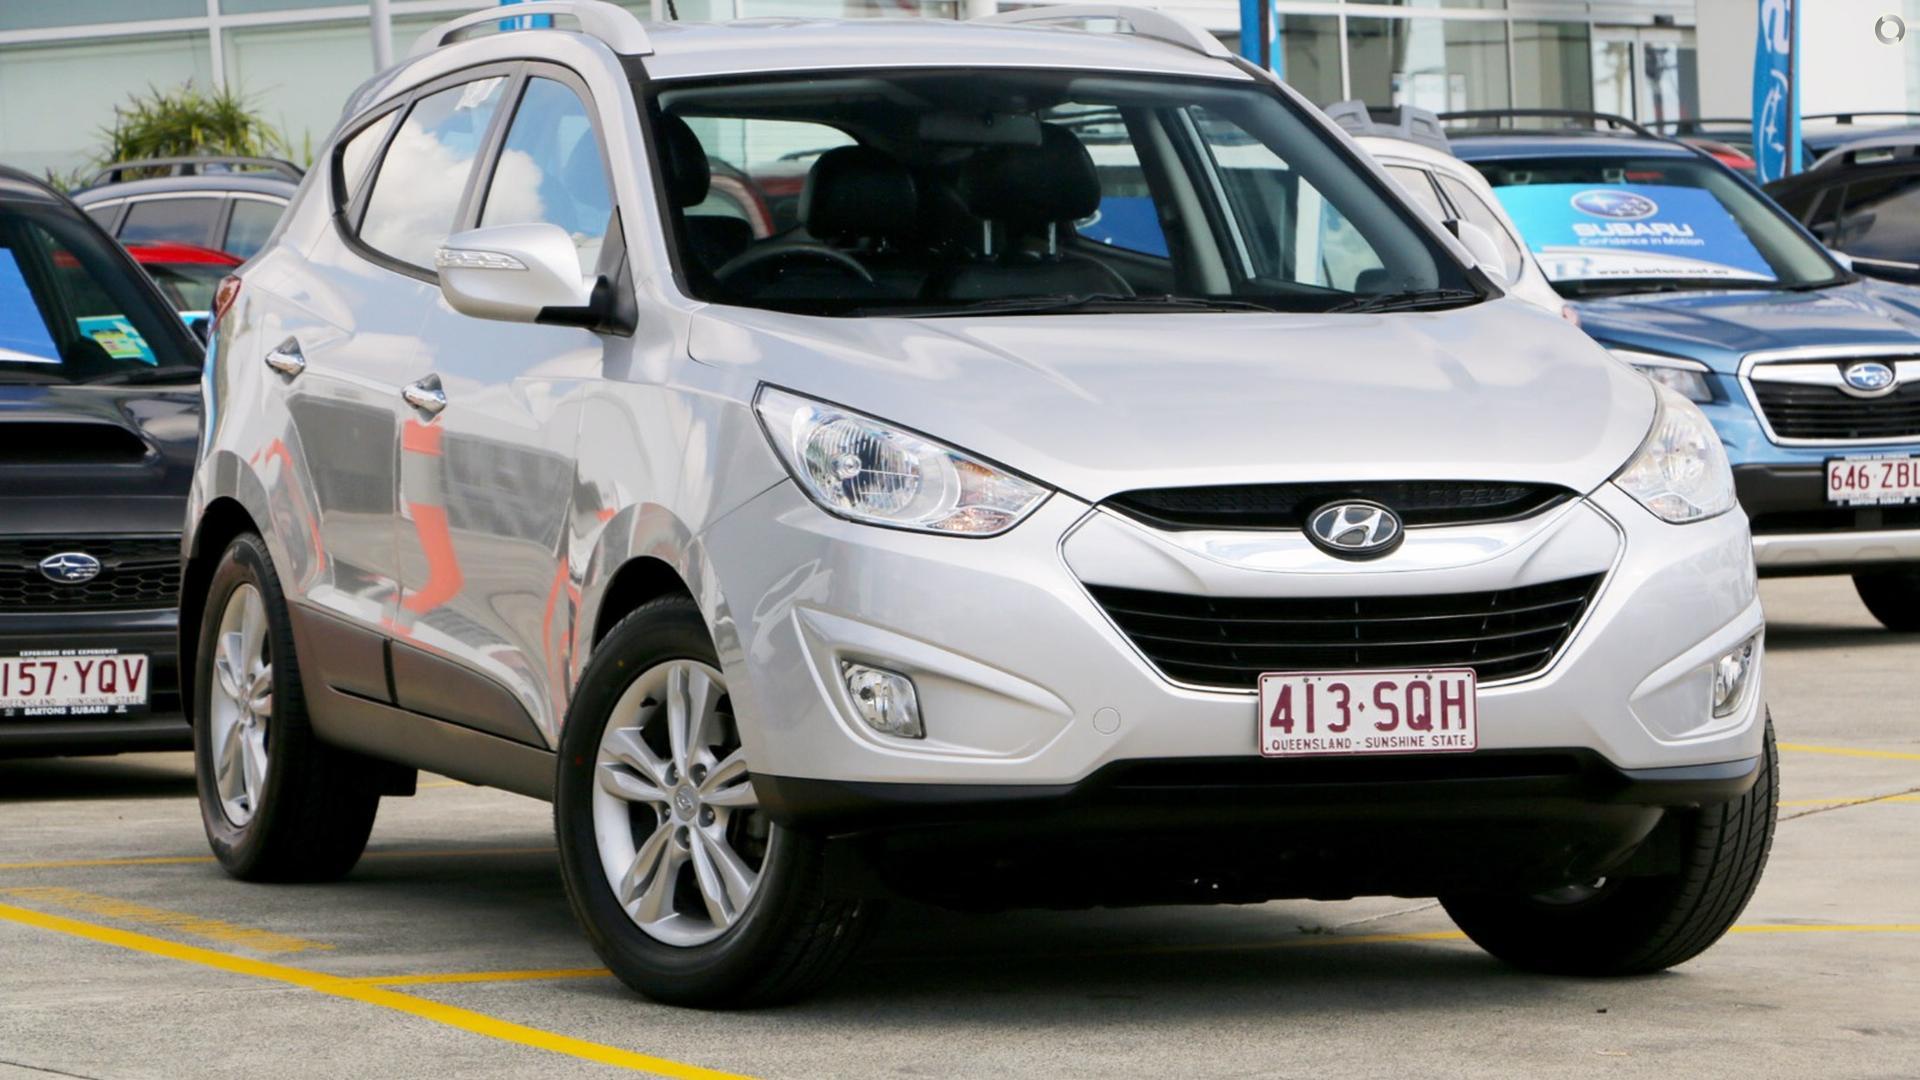 2011 Hyundai Ix35 LM